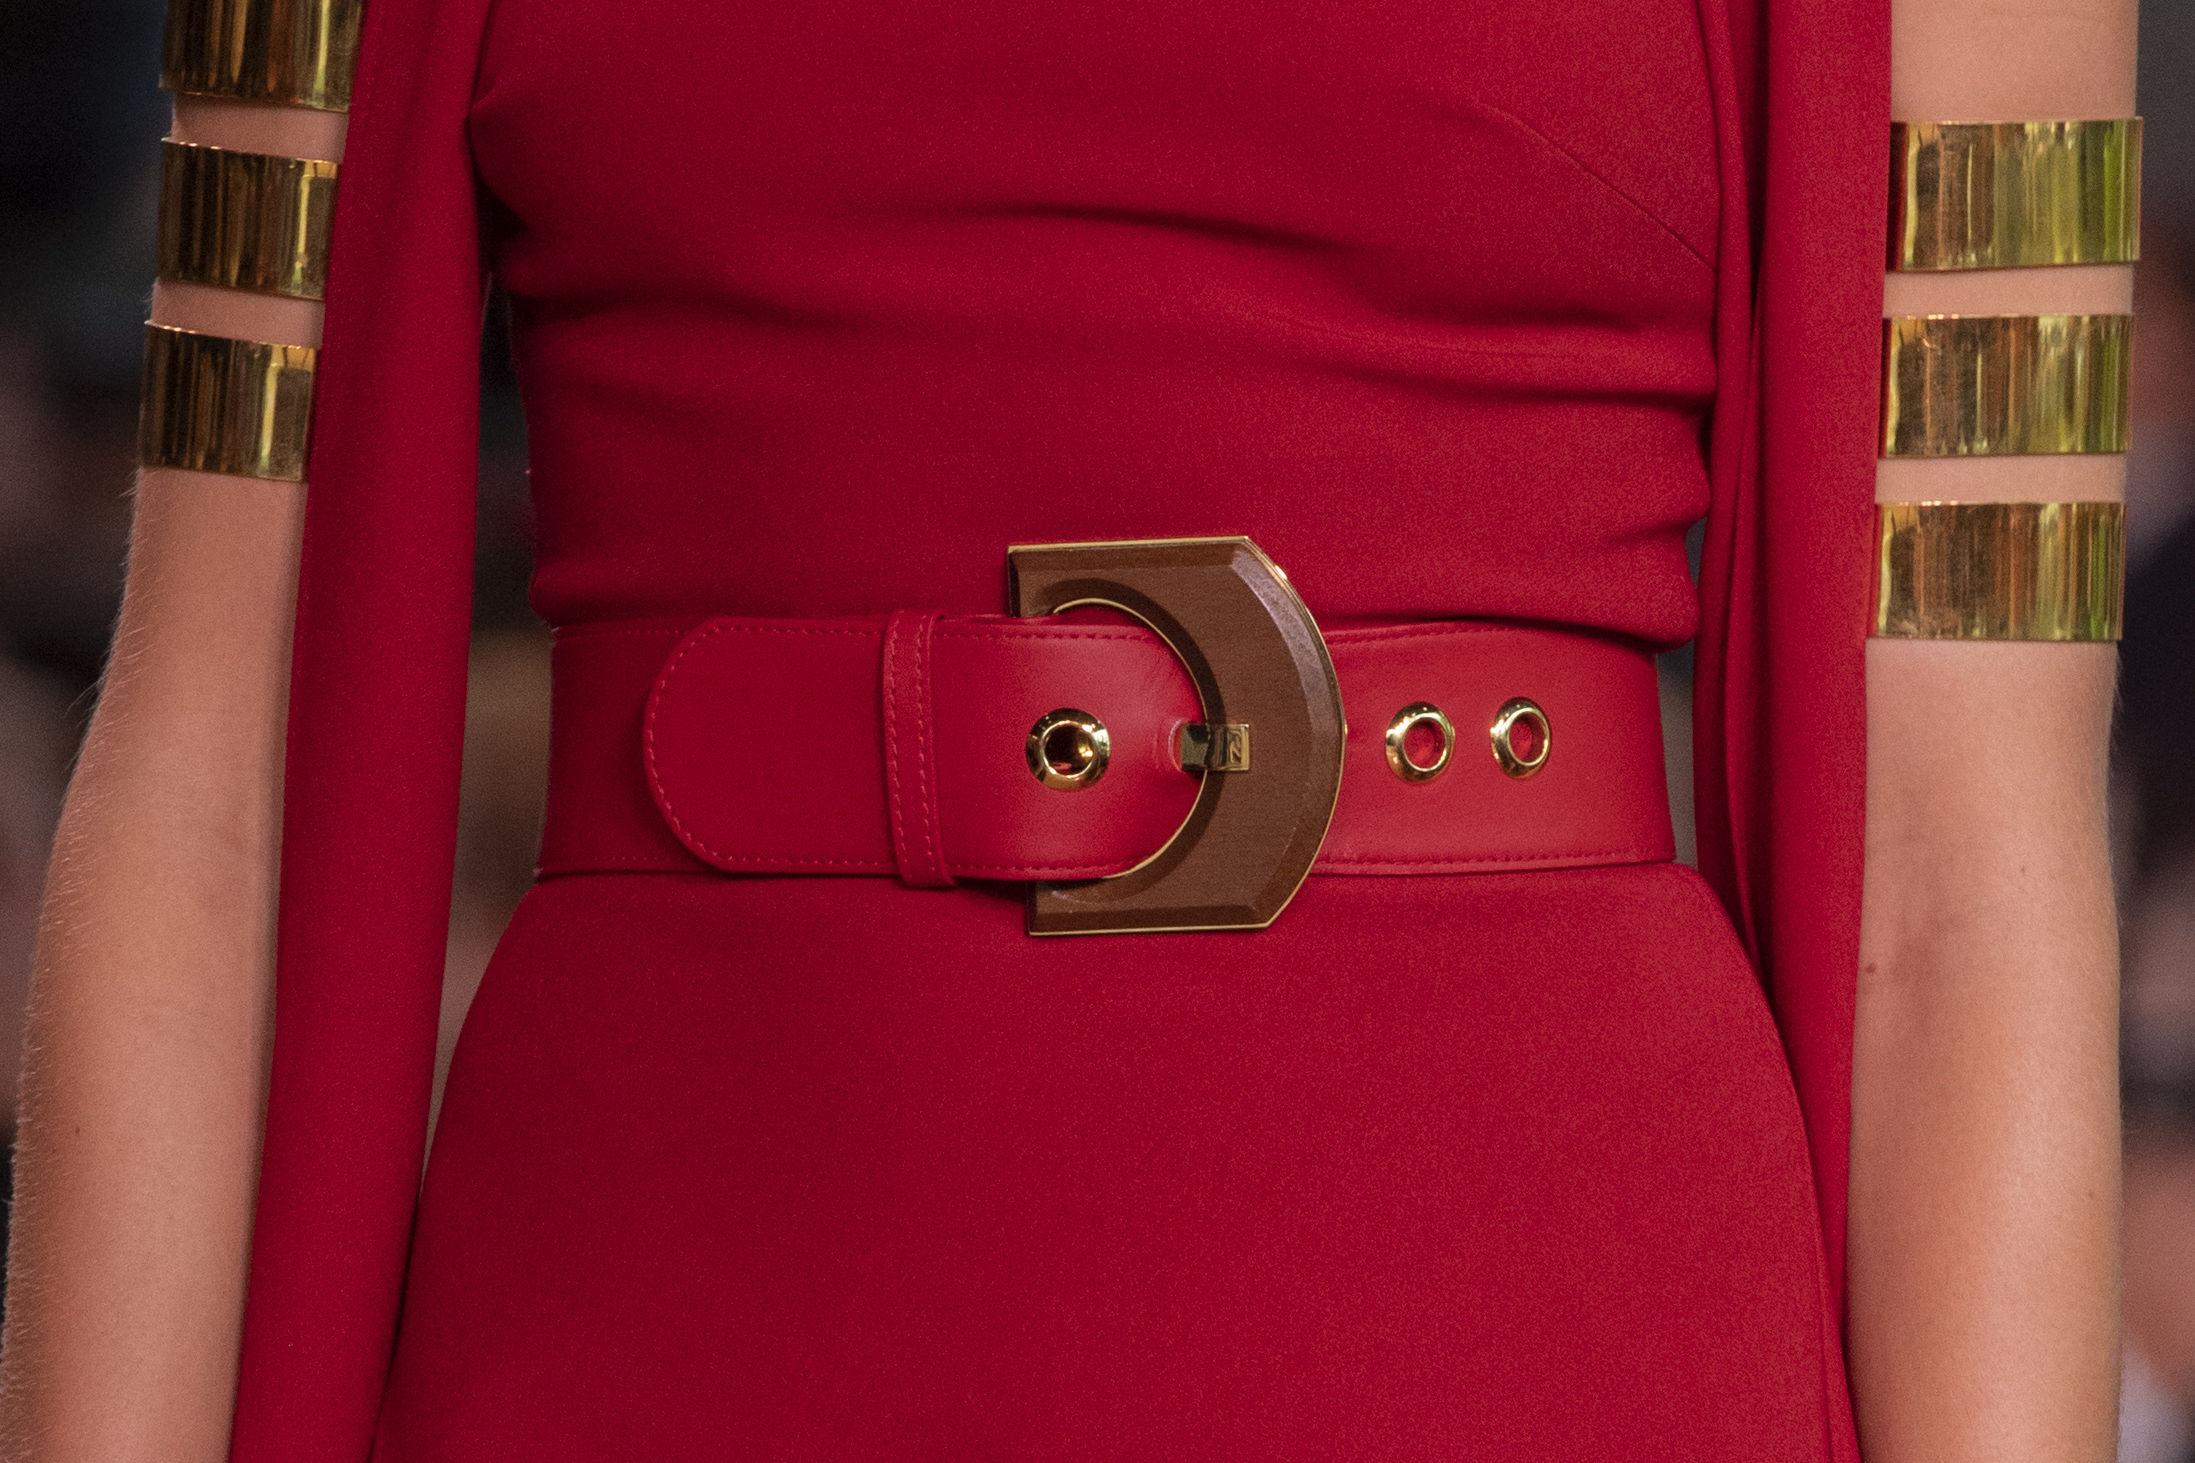 Para estilizar tu silueta, busca un cinturón fino en el mismo color de la ropa. Moda: Elie Saab. (WGSN)